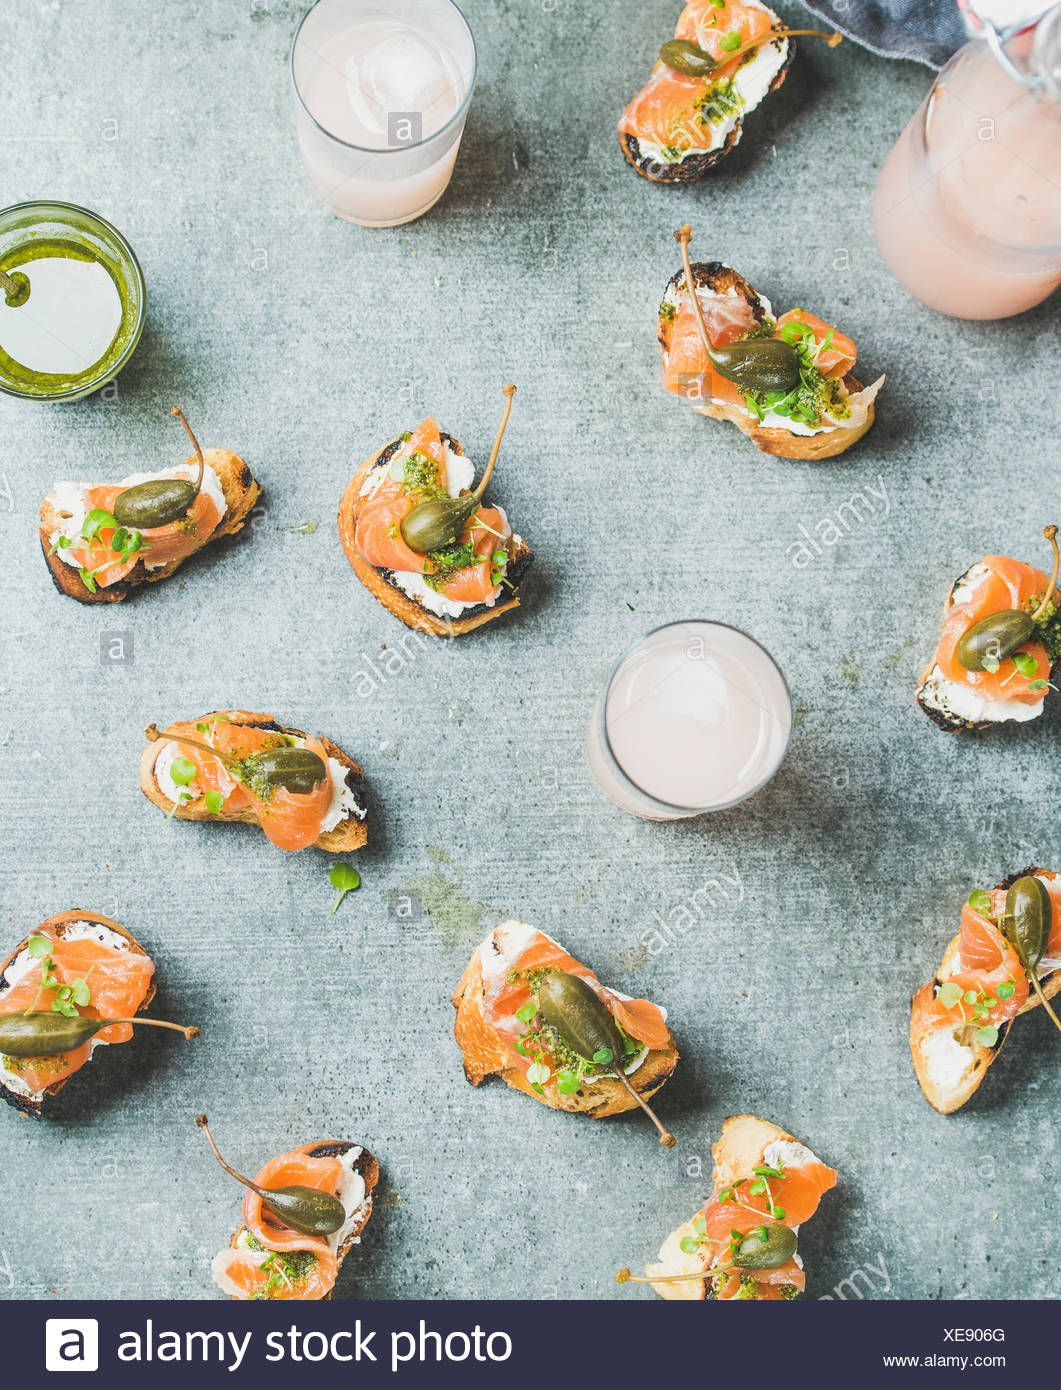 Crostini con salmón ahumado, salsa pesto, berro y alcaparras y cócteles de pomelo rosa sobre fondo gris, vista superior, flay-lay. Parte, caterin Foto de stock